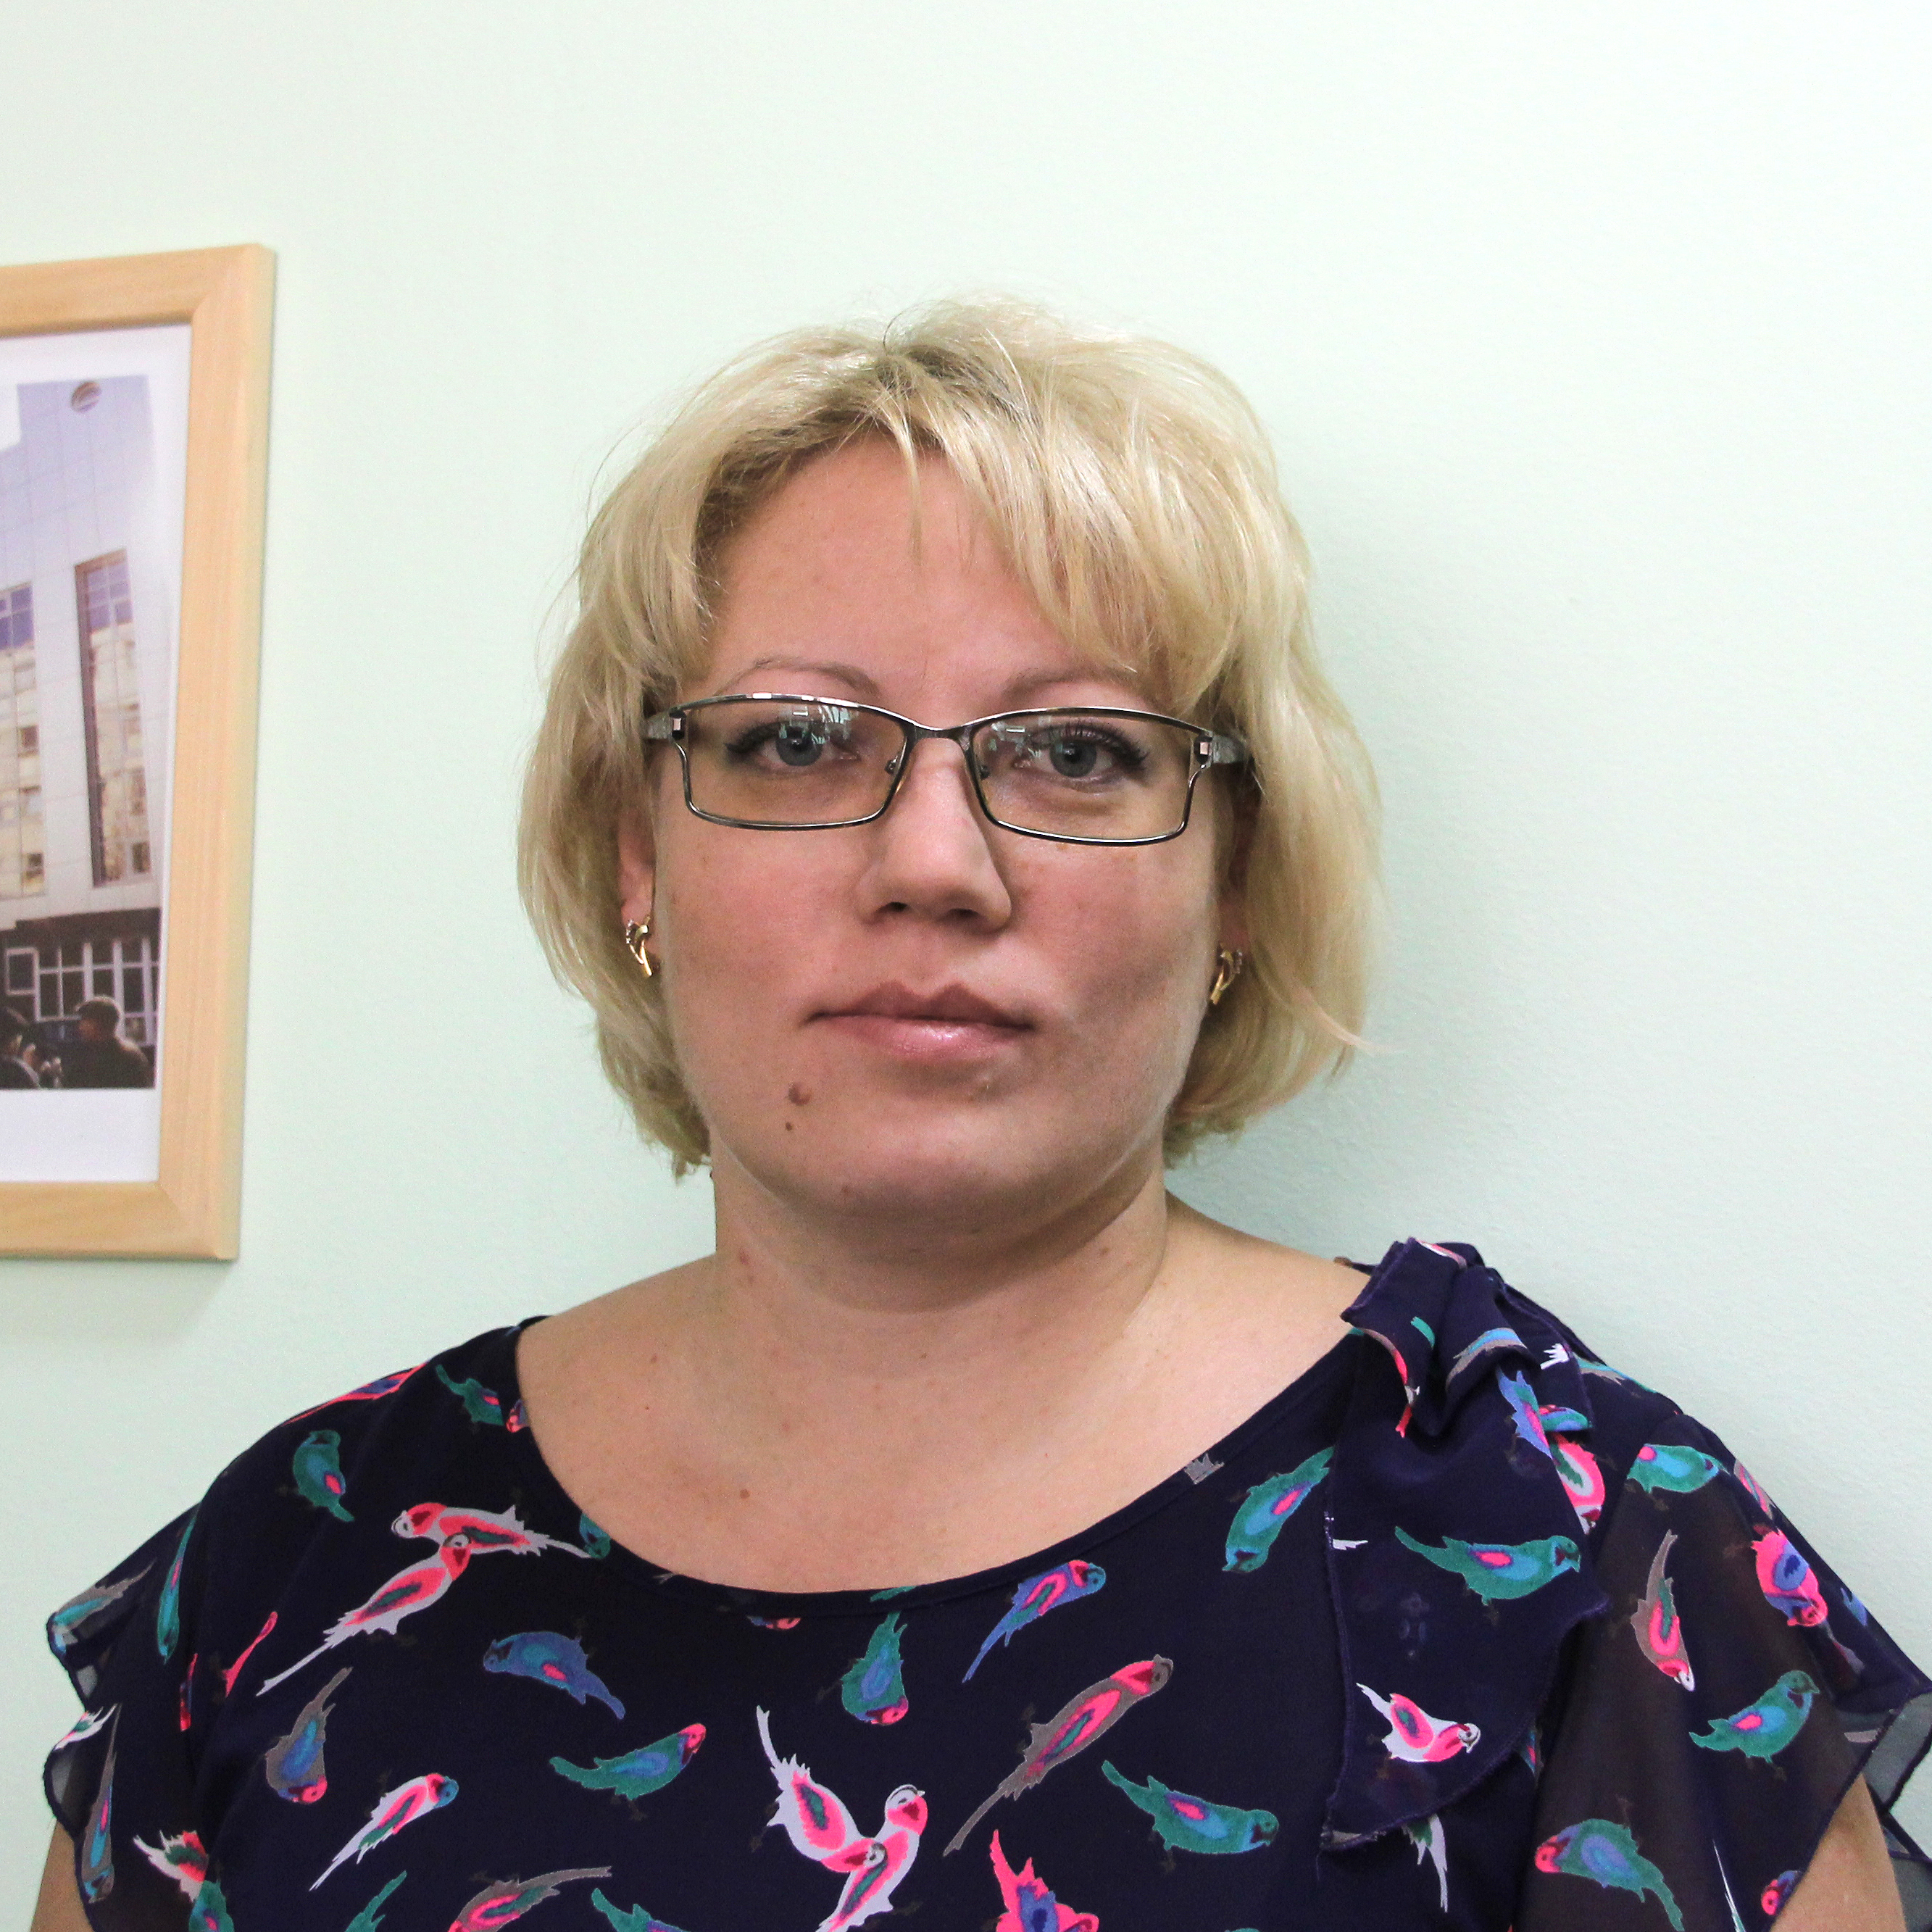 Сметный отдел, начальник Пустынникова Екатерина Павловна